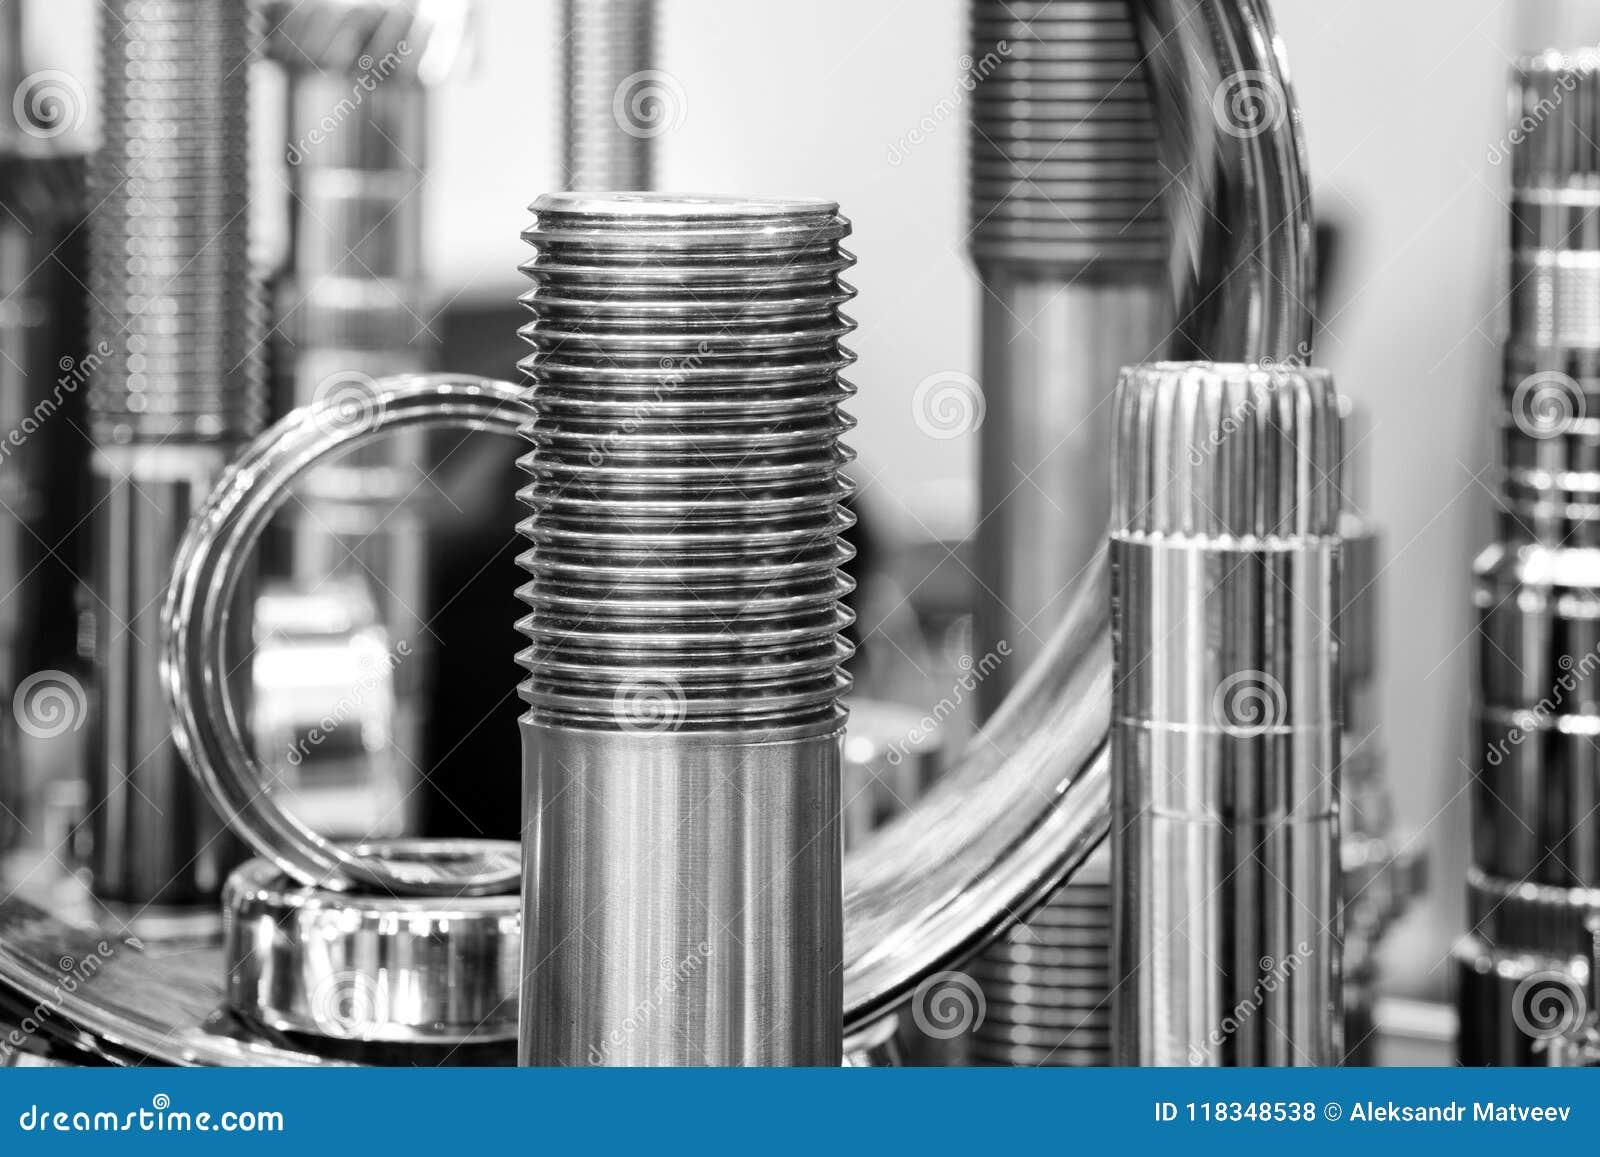 Muitos tipos de metal detalham o fundo do projeto industrial Conceito da engenharia industrial